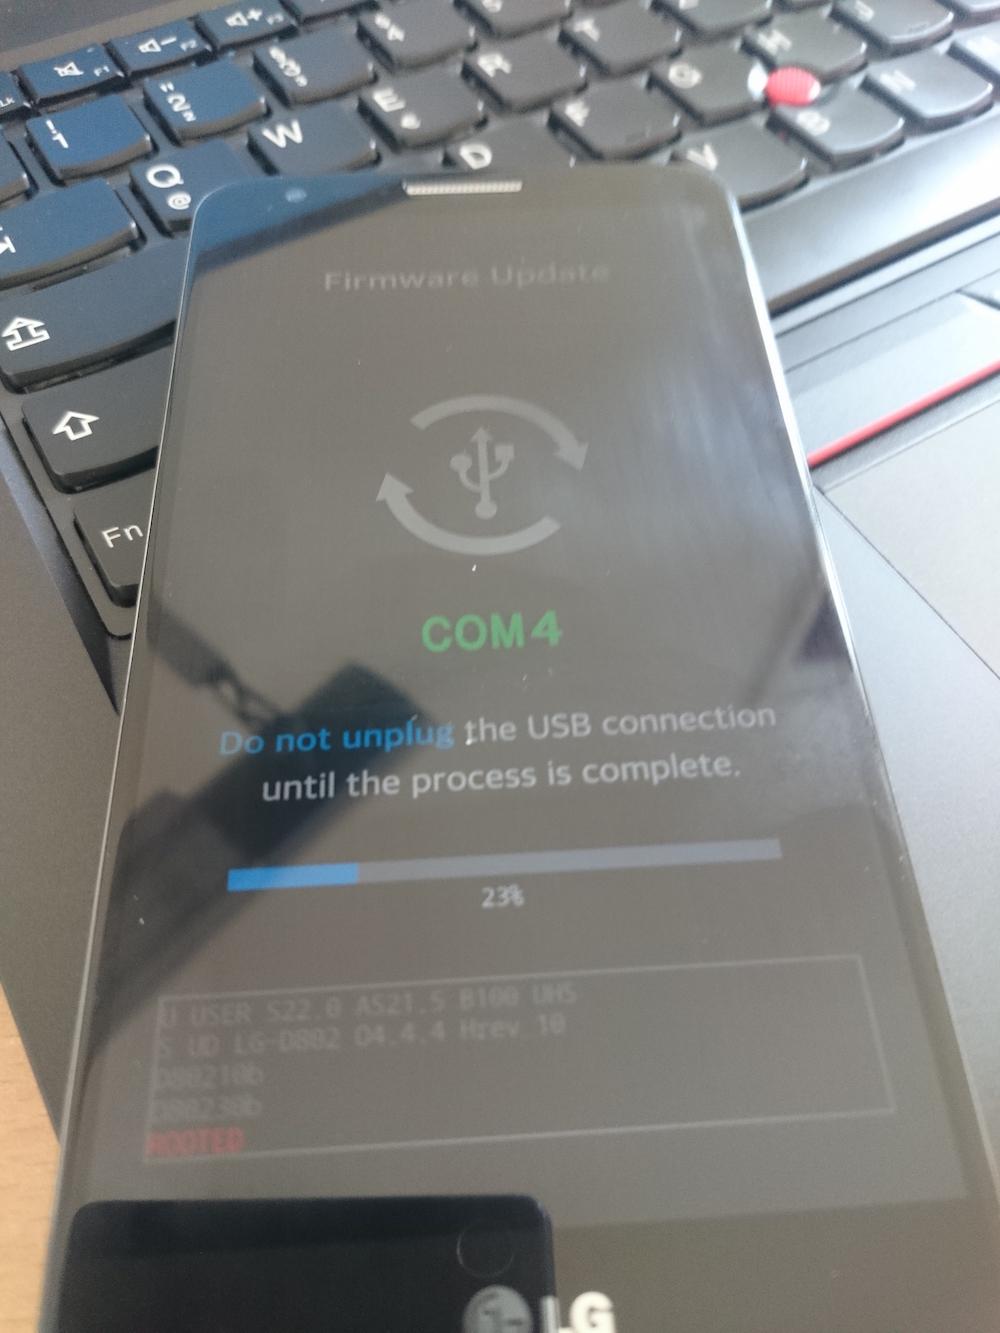 LG G2 beim Aufspielen der Stock Android Firmware (Bild: Copyright Benjamin Blessing).